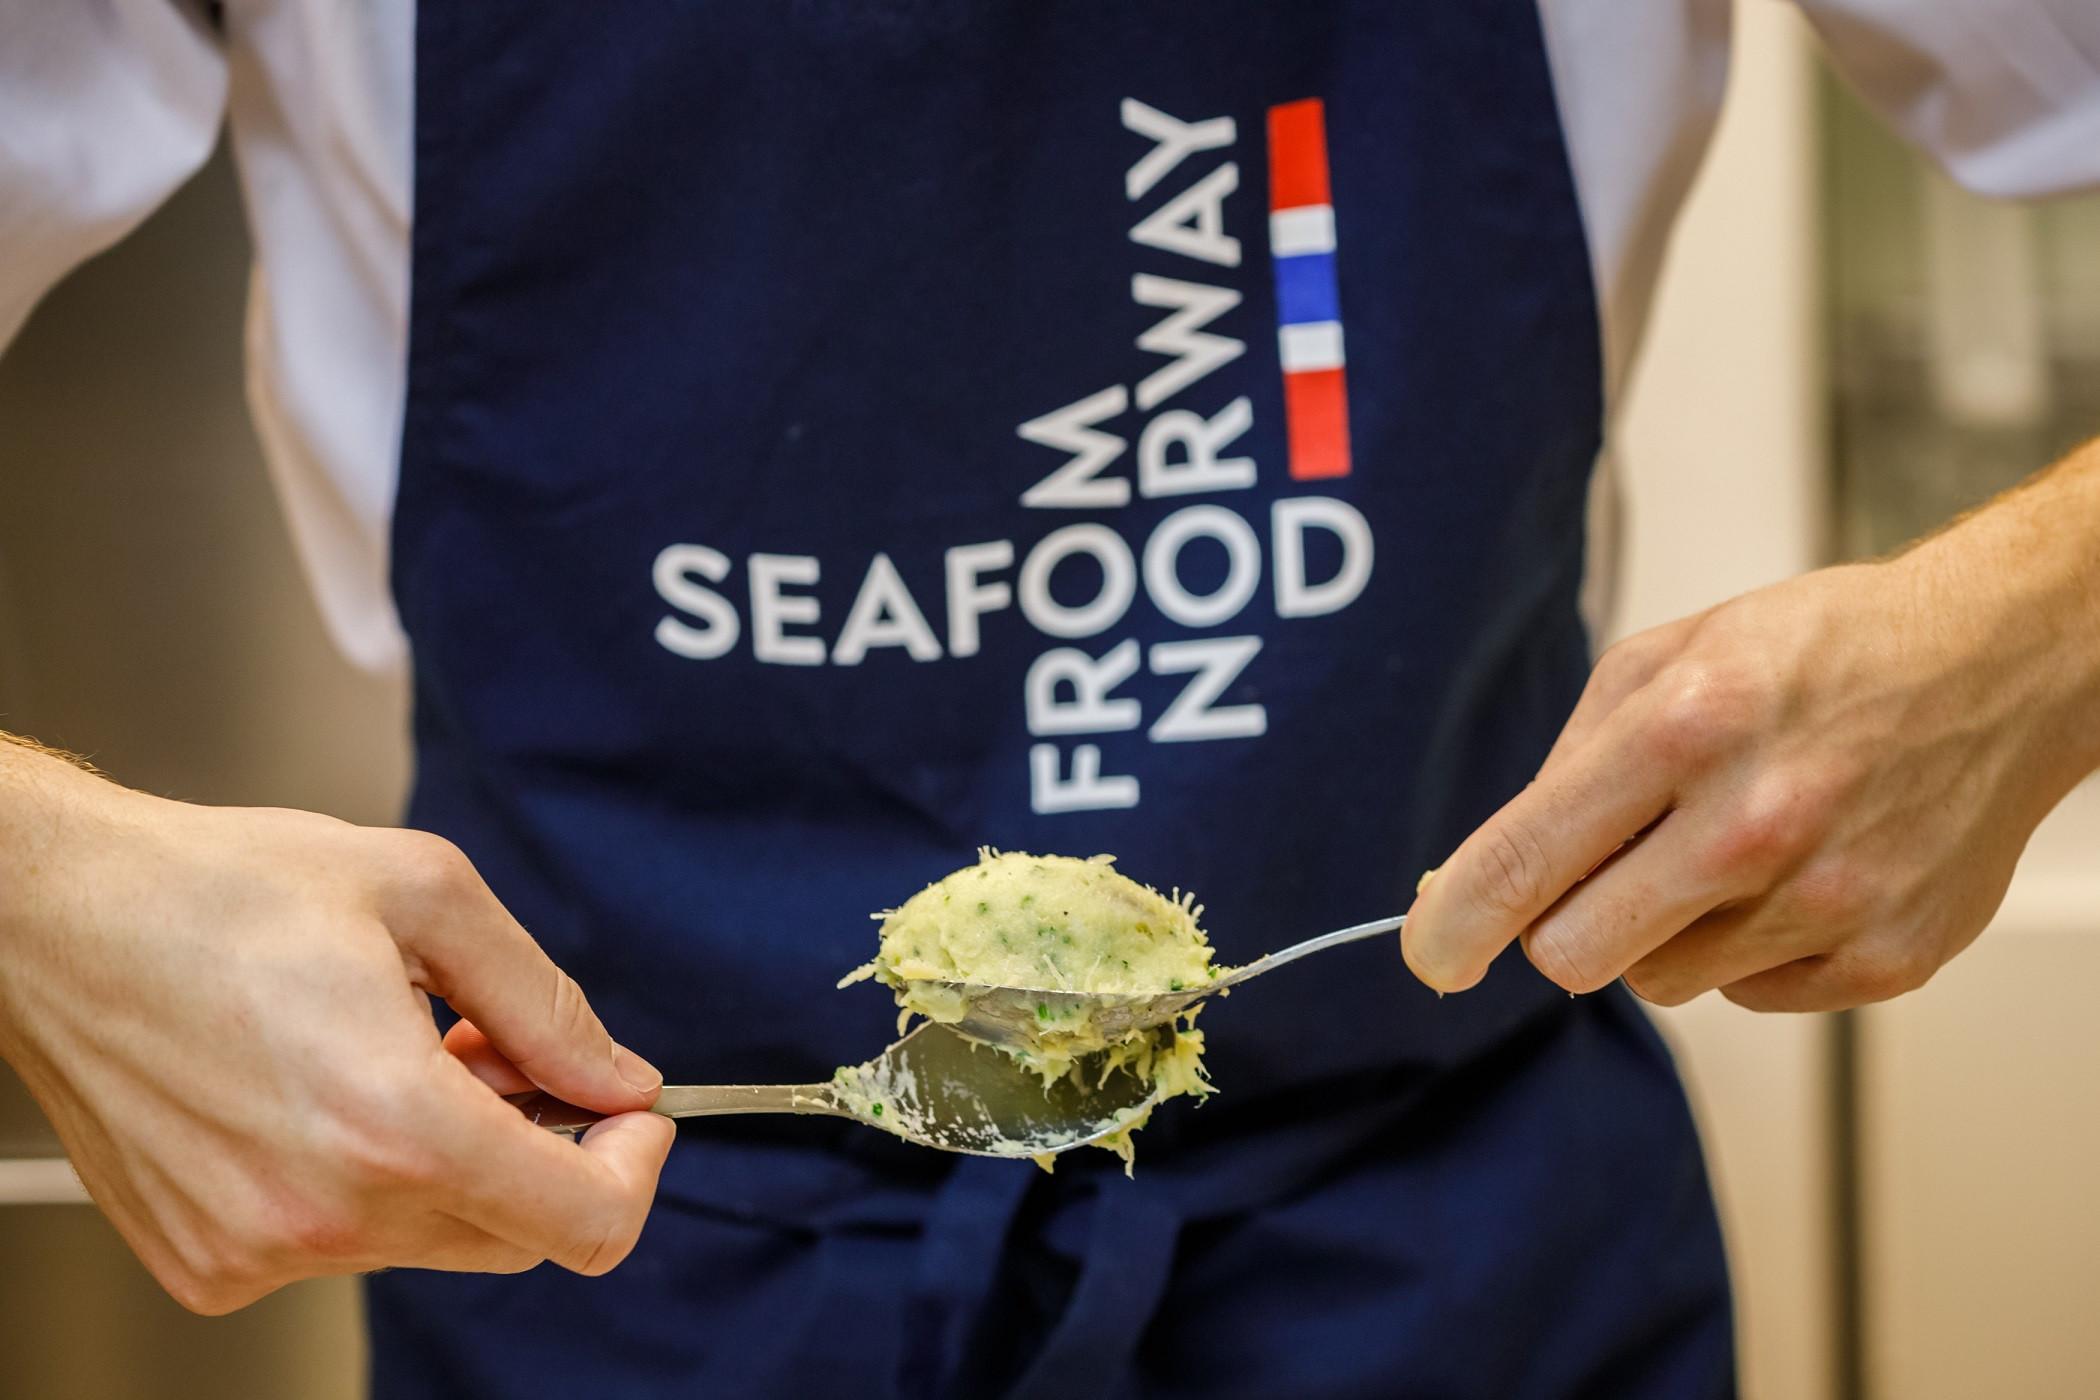 Chefs Portugueses cozinham bacalhau para pescadores noruegueses